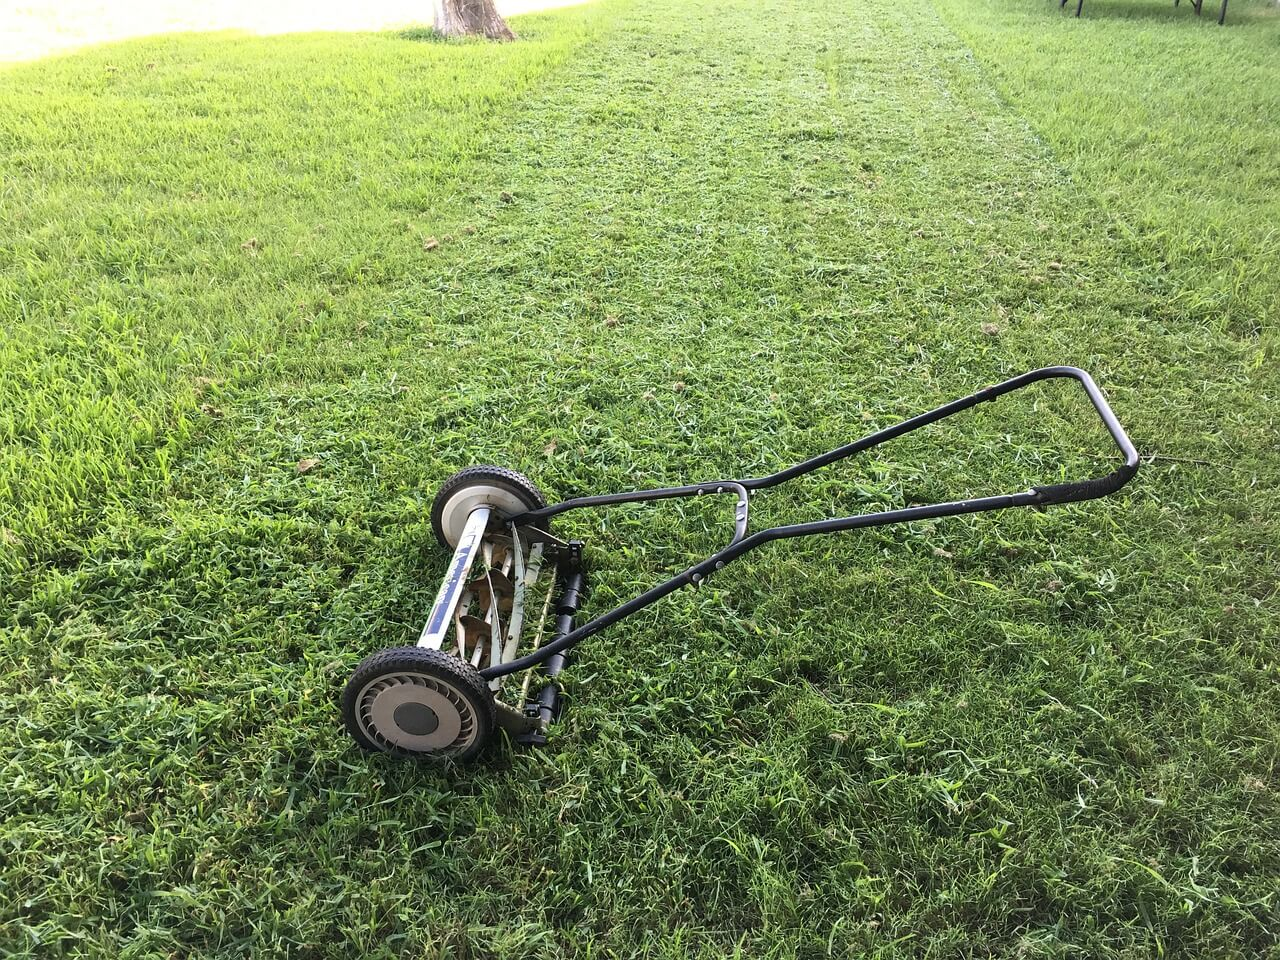 Slut på slitet - nu är det dags för robotgräsklippare!